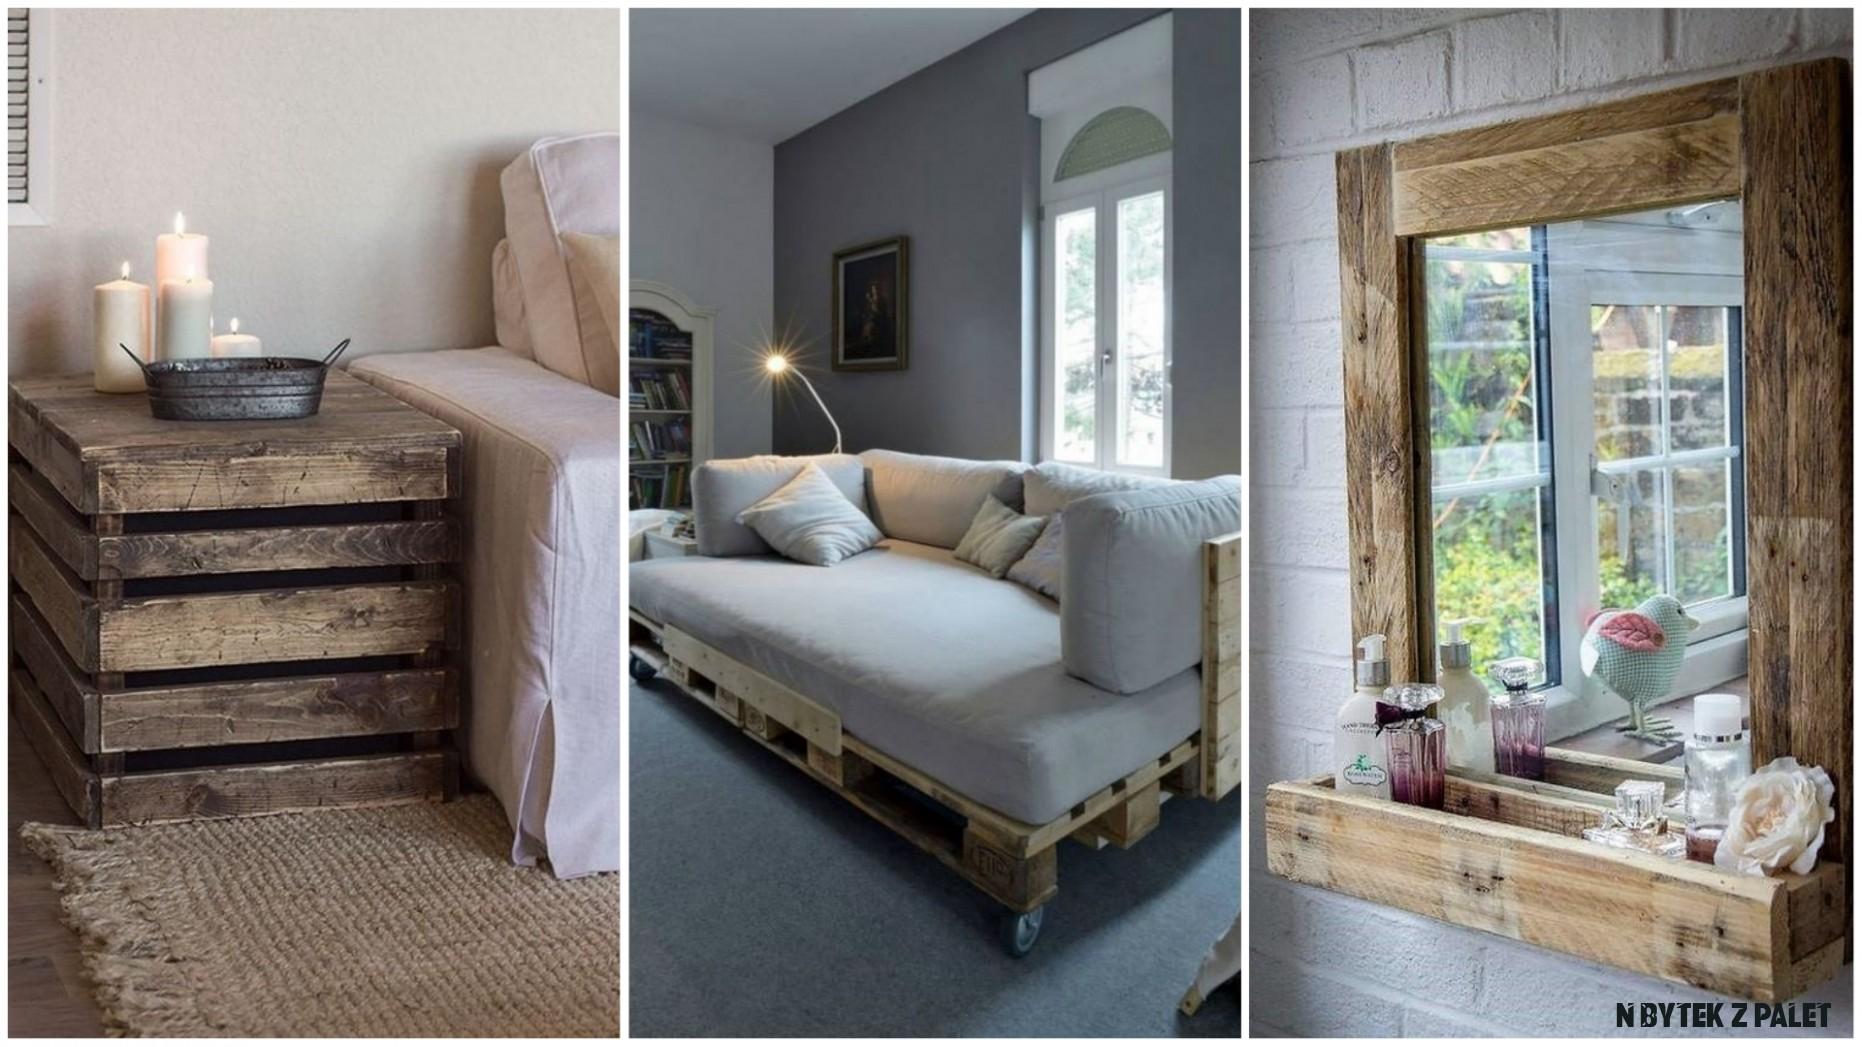 Levný nábytek z palet: 20 nápadů, jak bude vypadat luxusně  Prima